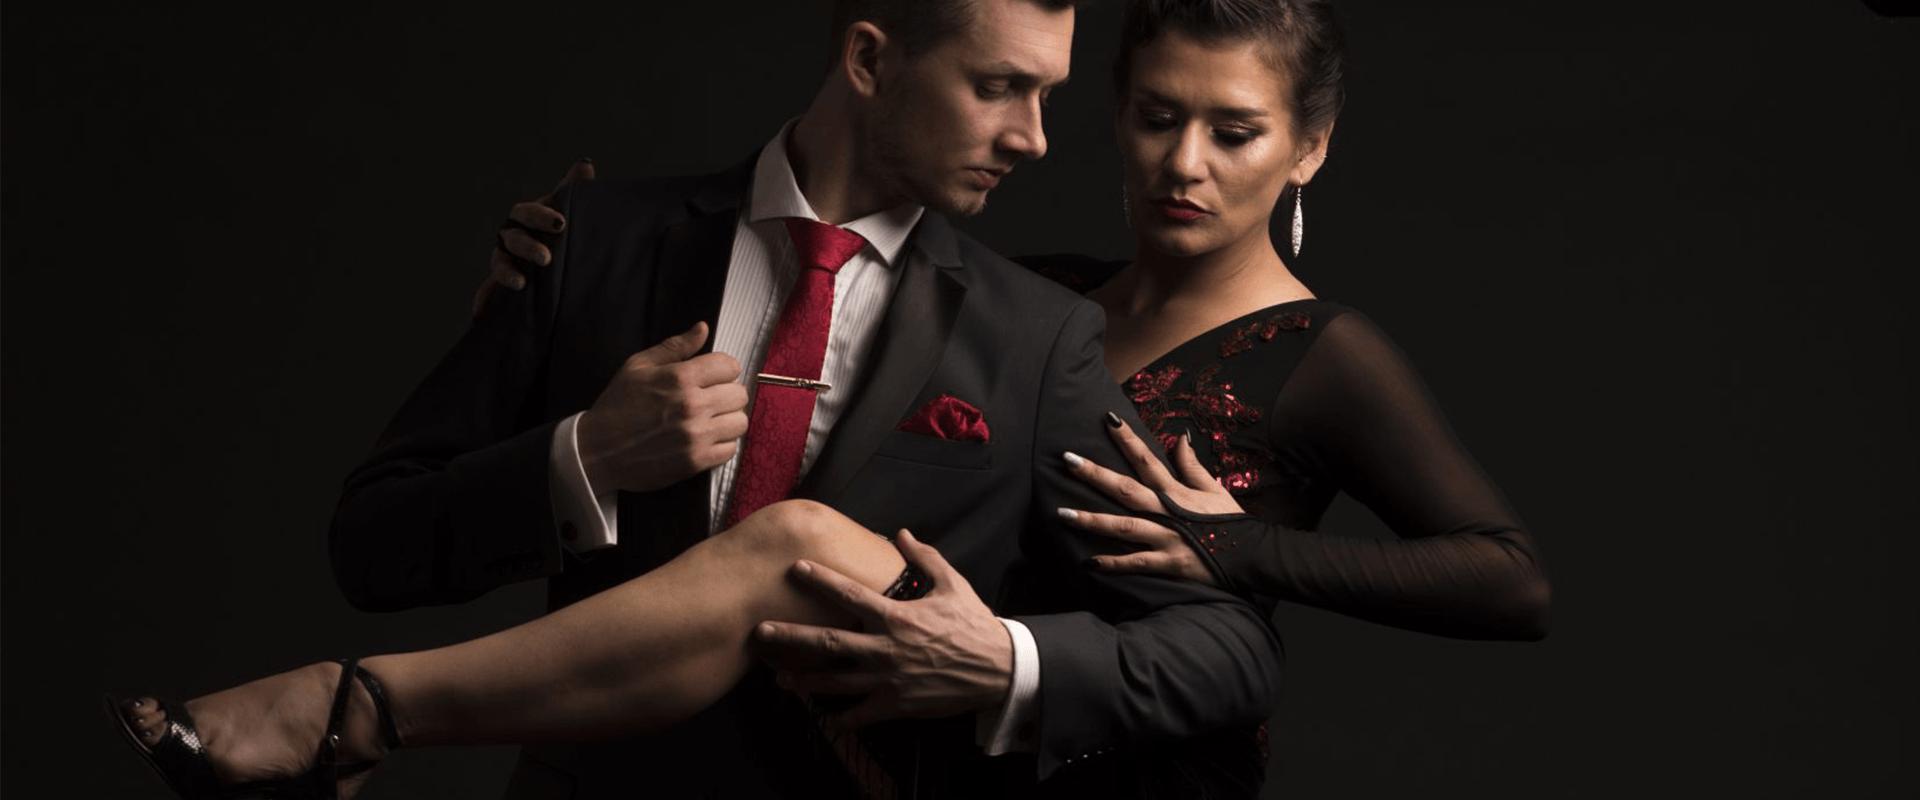 tijdens tango dansles in Den Haag